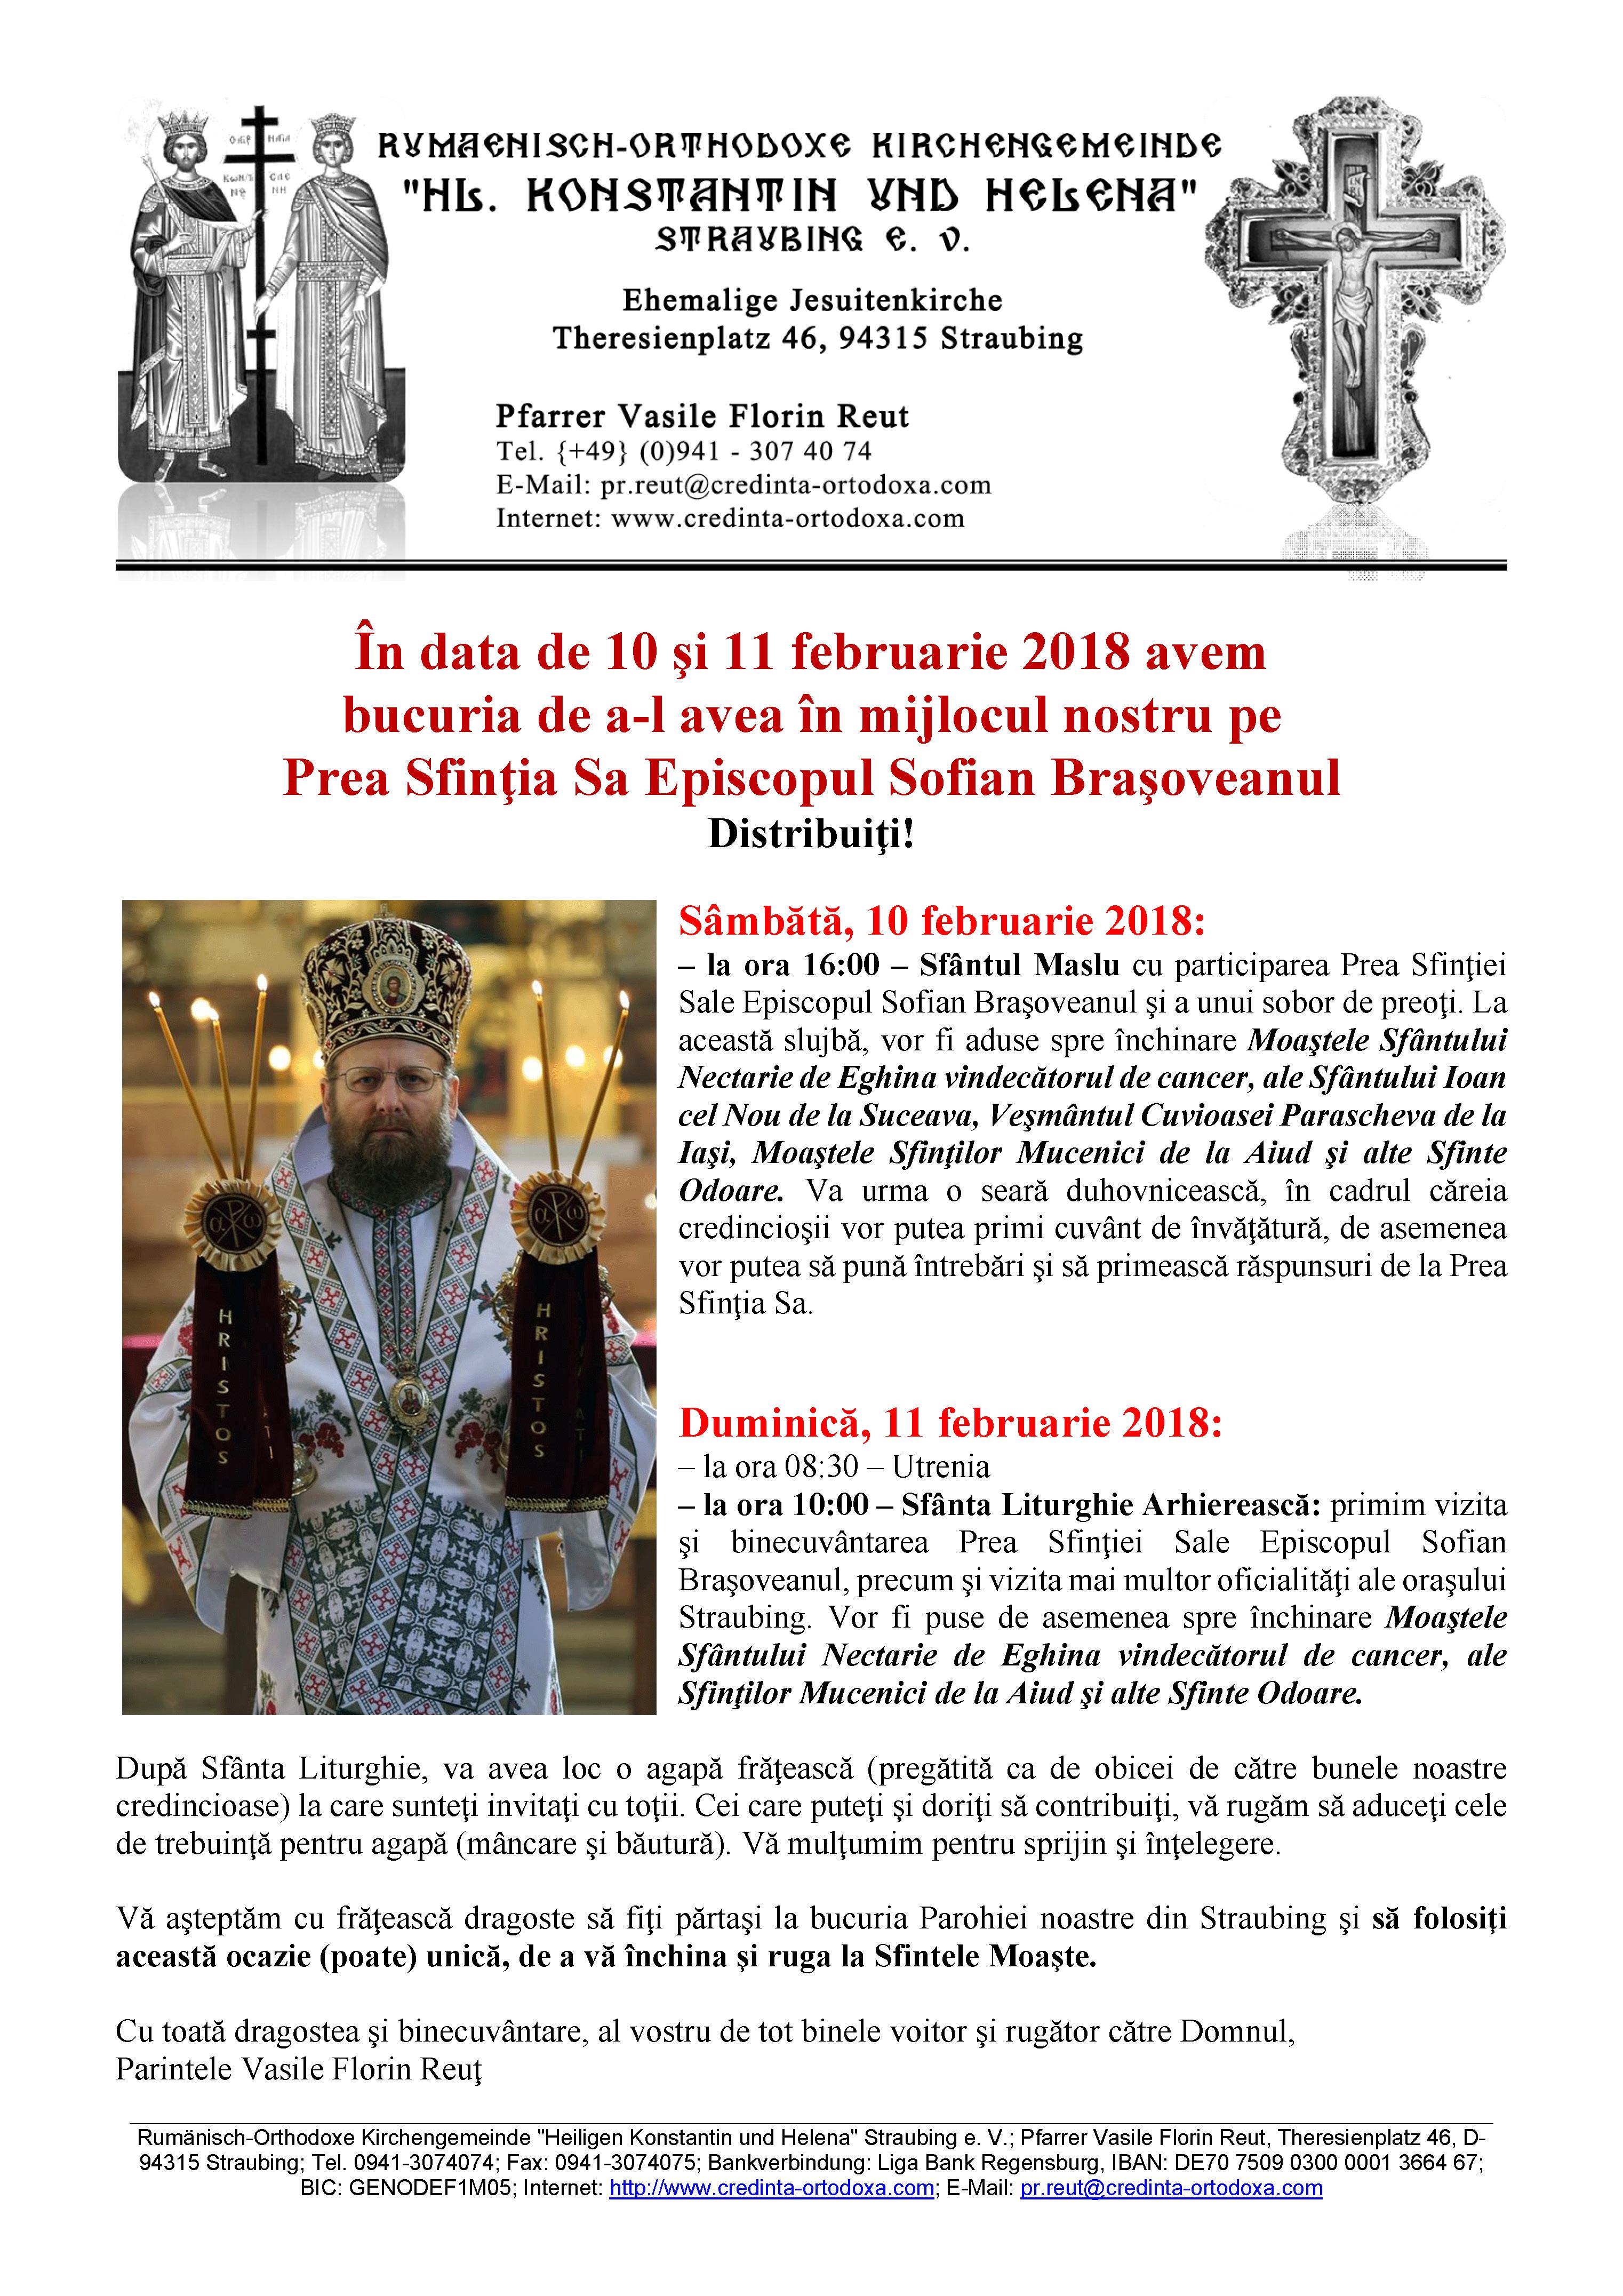 În data de 10 şi 11 februarie 2018 - Sfântul Maslu şi Sfânta Liturghie Arhierească la Straubing: primim vizita şi binecuvântarea Prea Sfinţiei Sale Episcopul Sofian Braşoveanul